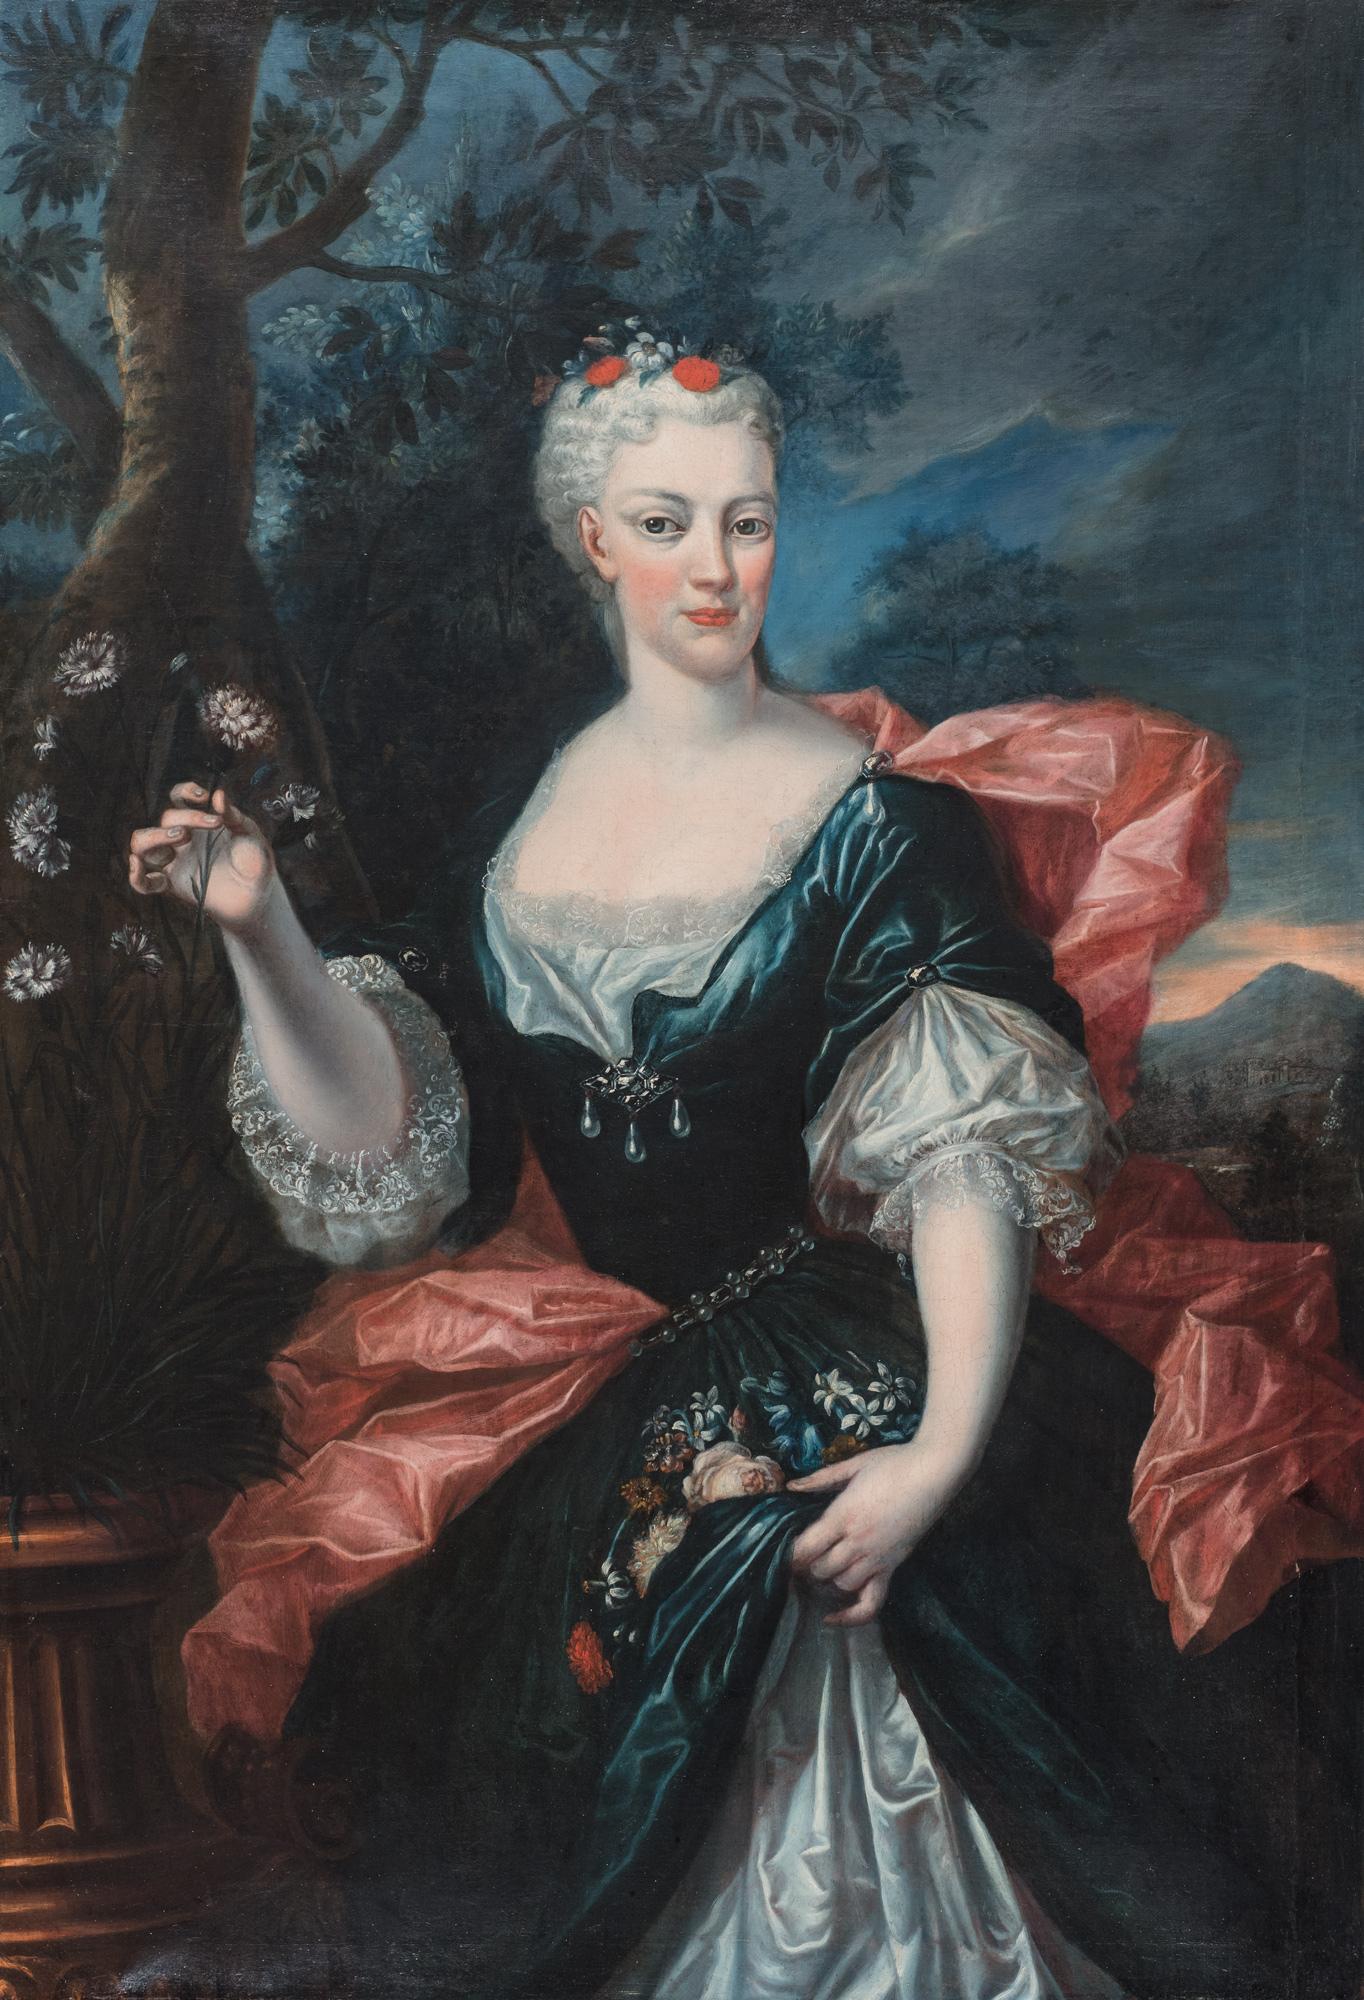 Ritratto di dama, a tre quarti di figura, con fiori in mano, en plein air